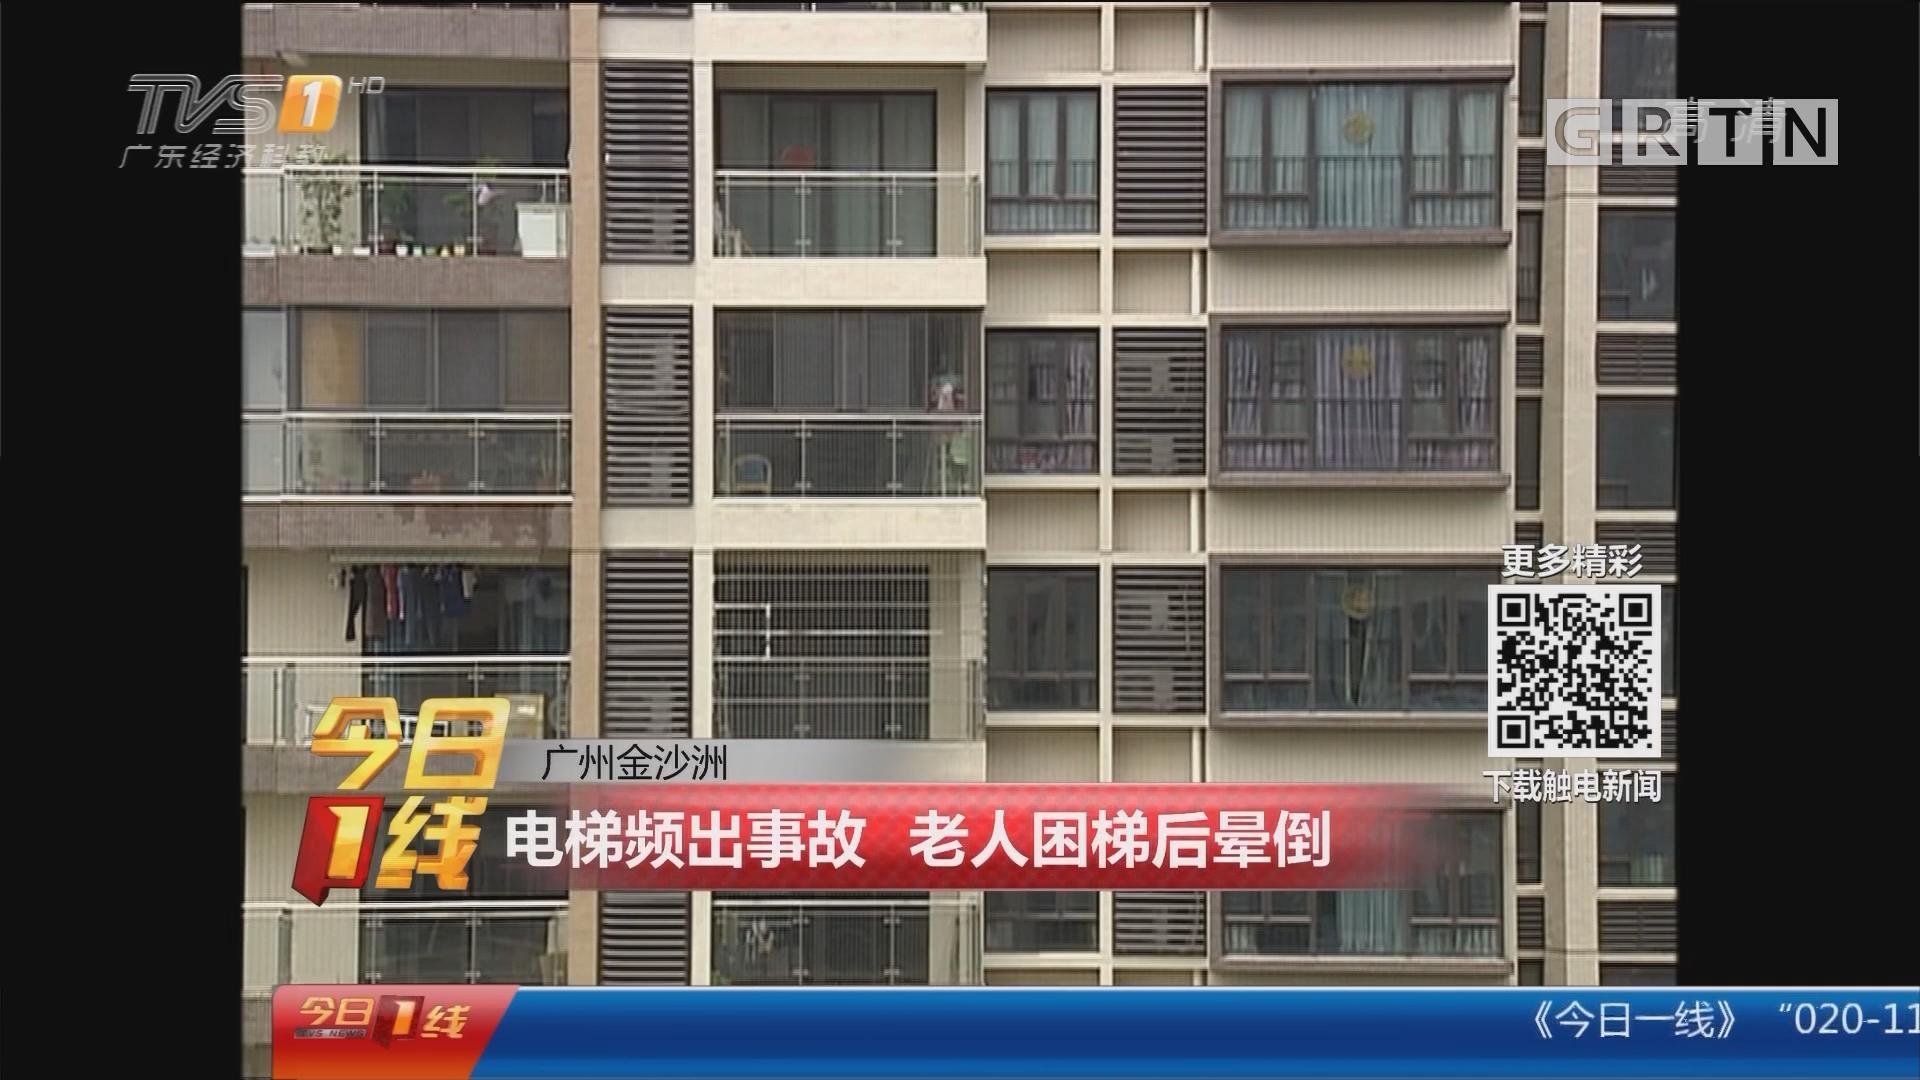 广州金沙洲:电梯频出事故 老人困梯后晕倒